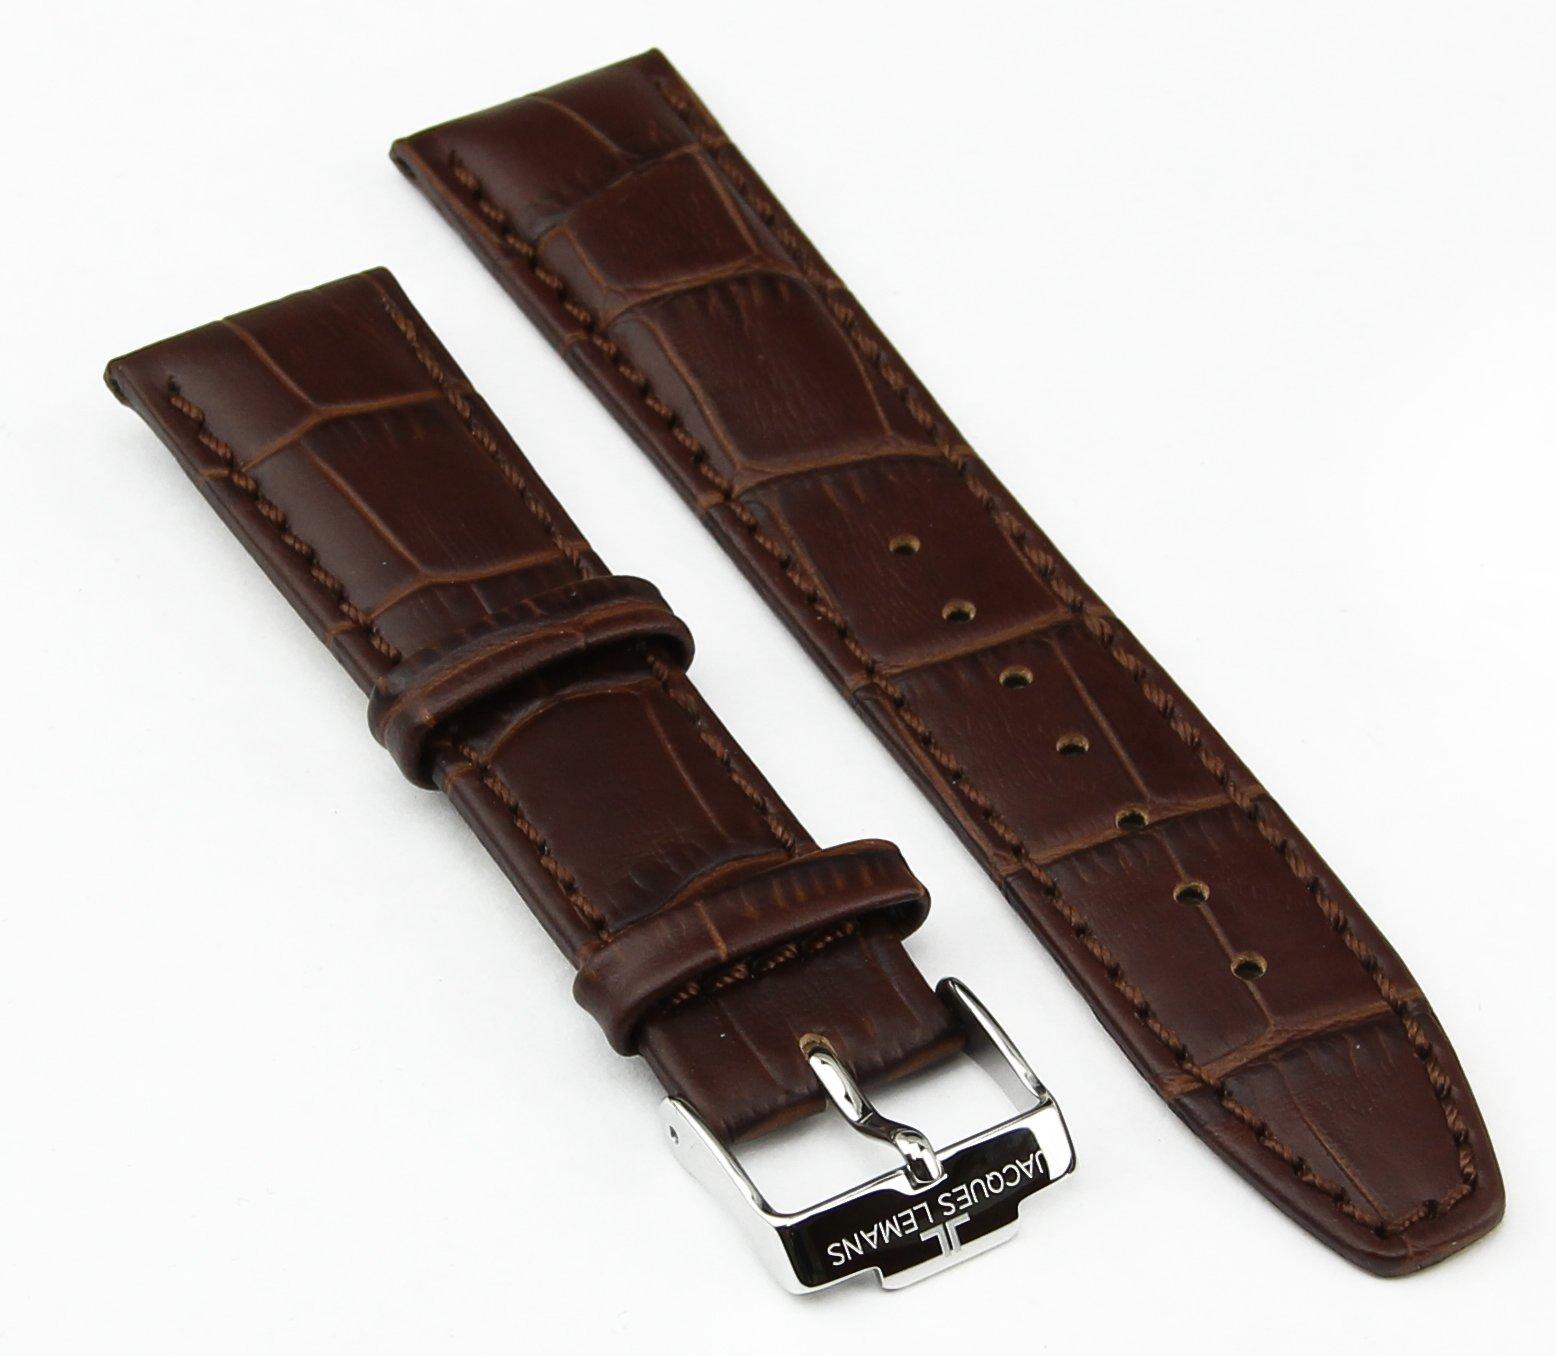 Стоимость кожаный ремешок для часов в янао стоимость киловатт часа